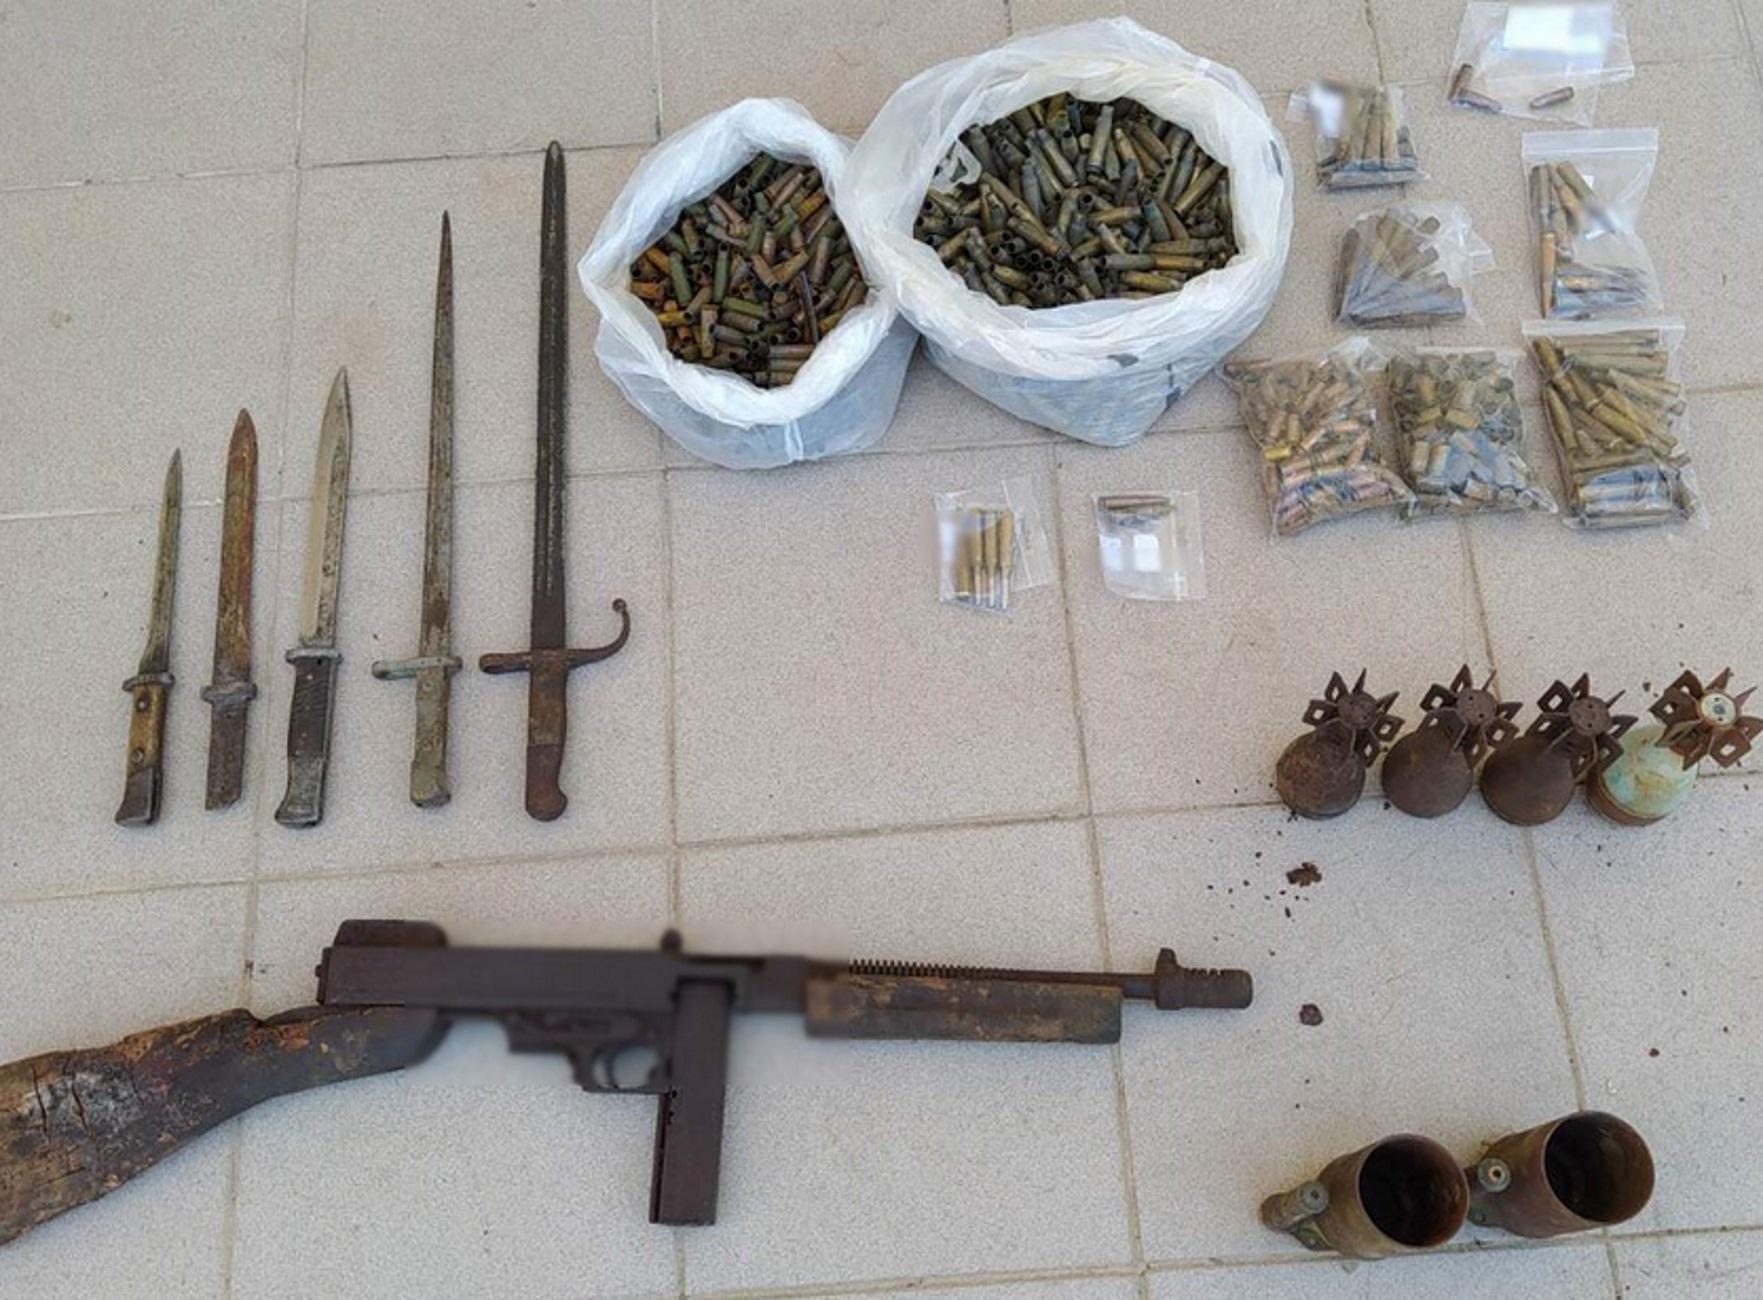 Καστοριά: Τα ένοχα μυστικά ιδιοκτήτη σπιτιού σε μια φωτογραφία – Η ώρα του εισαγγελέα